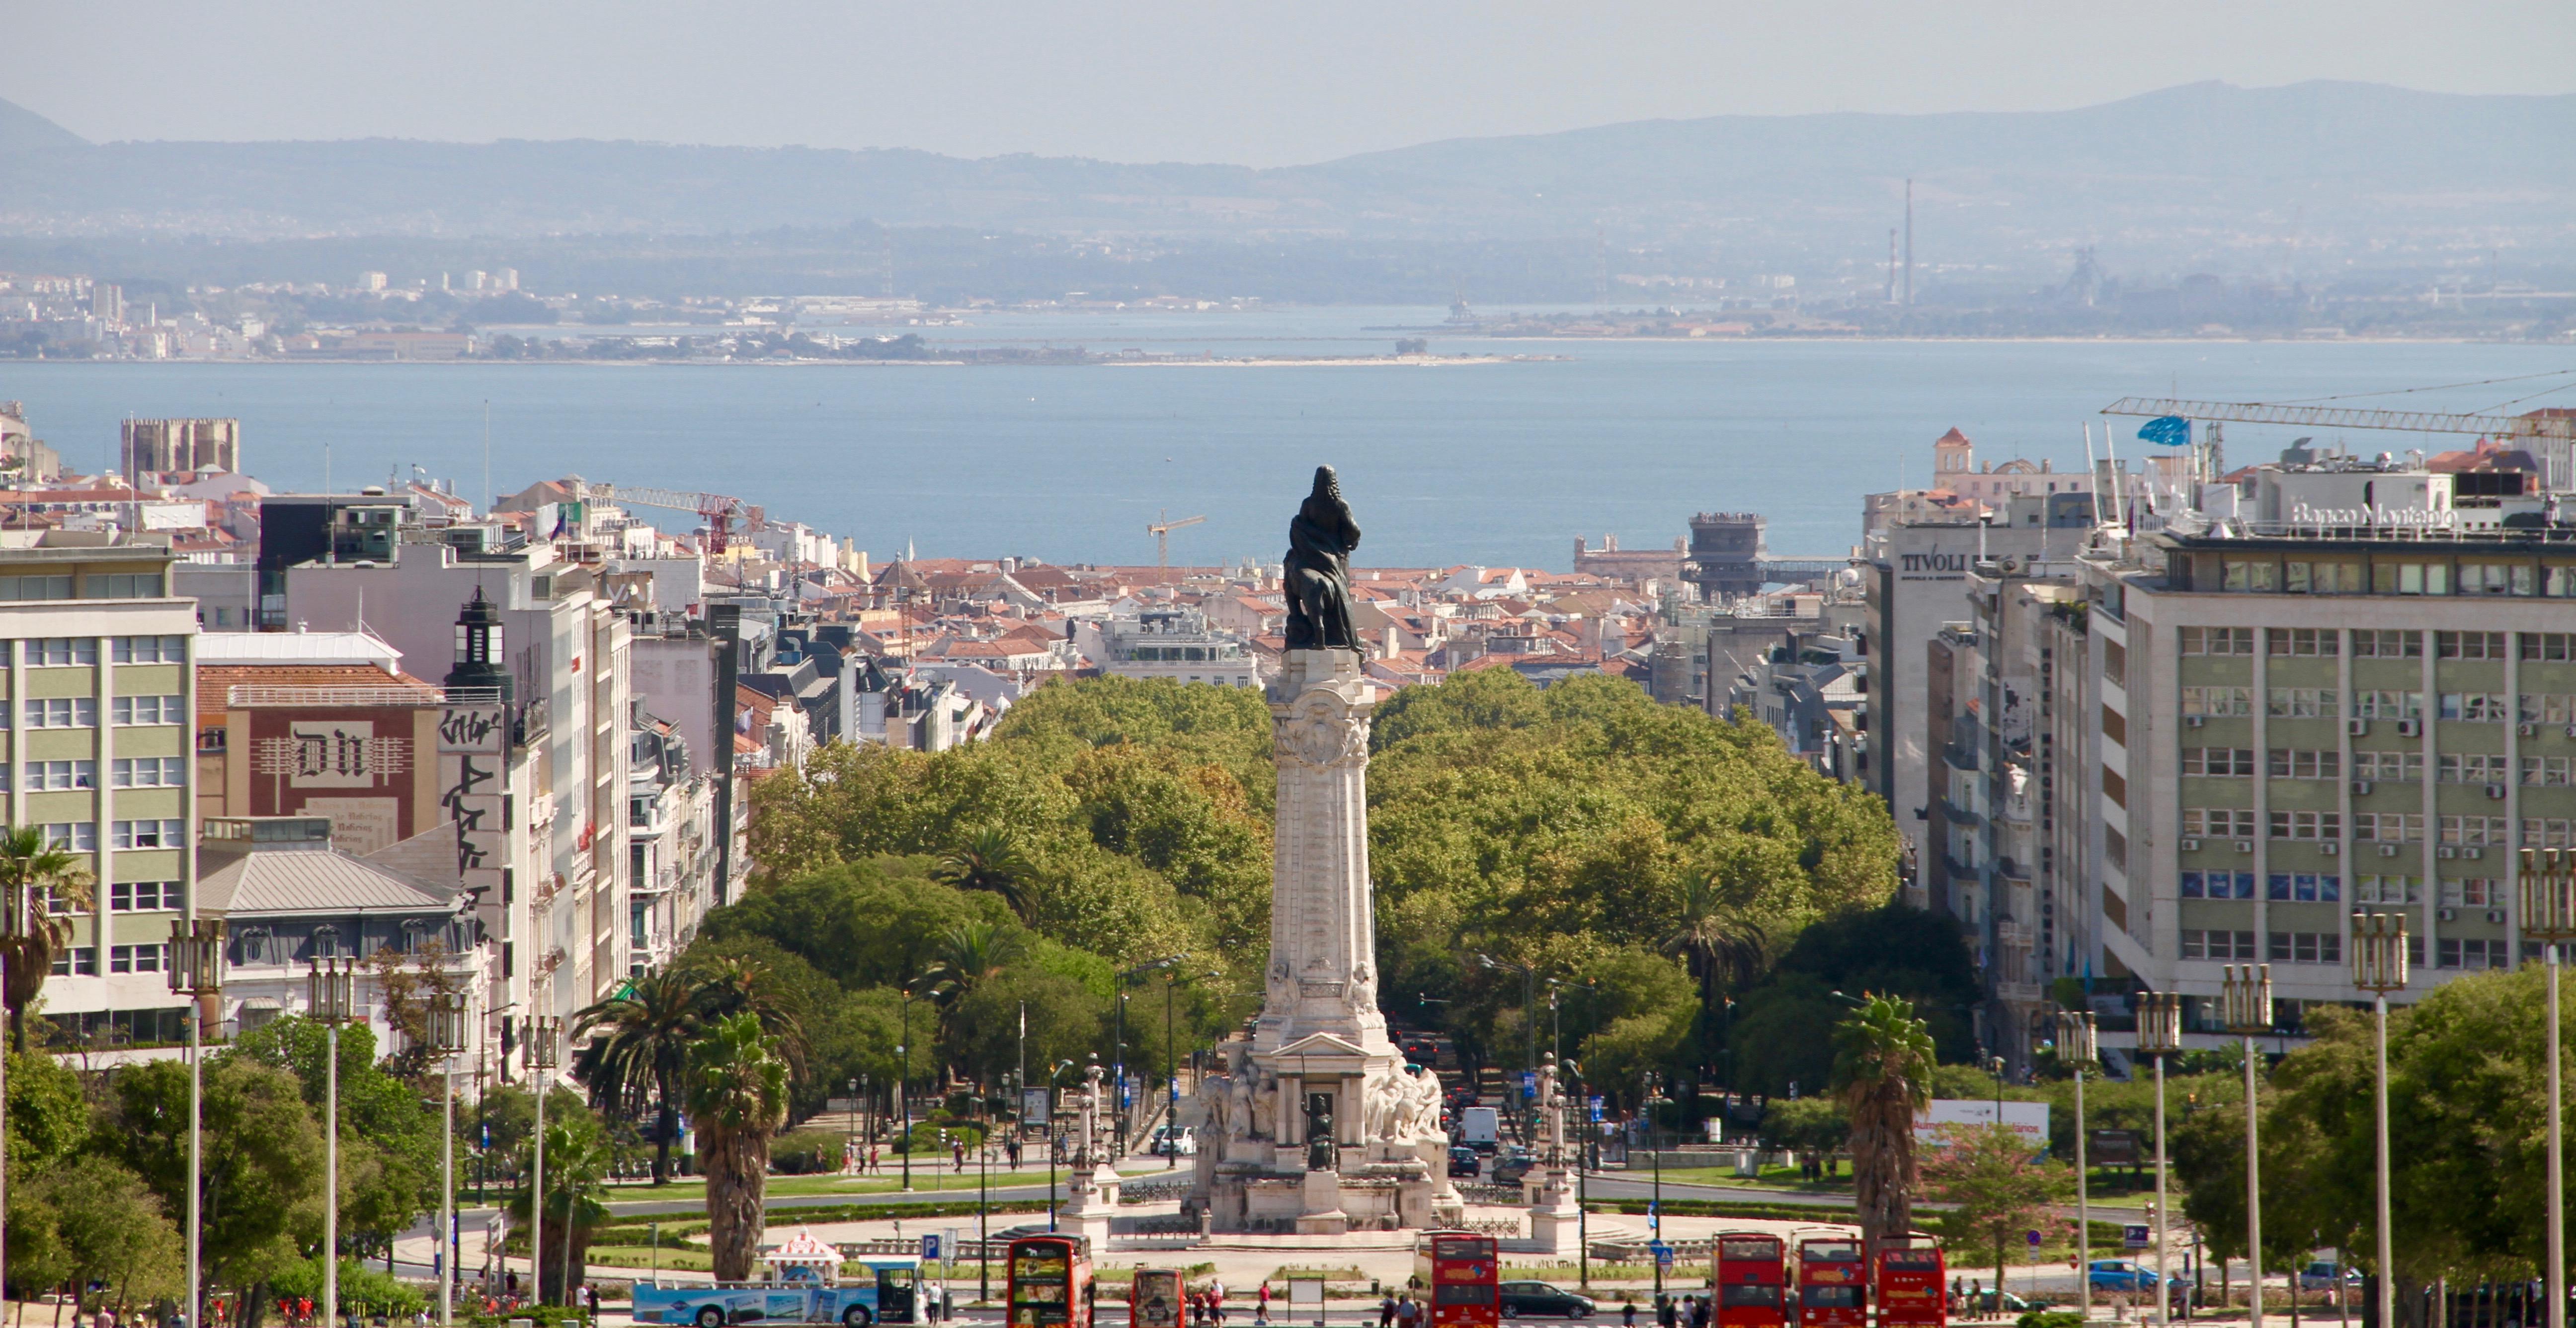 O centro histórico de Lisboa, Portugal e o Rio Tejo visto a partir da parte superior do Parque Eduardo VII, no domingo, 15 de setembro de 2019.